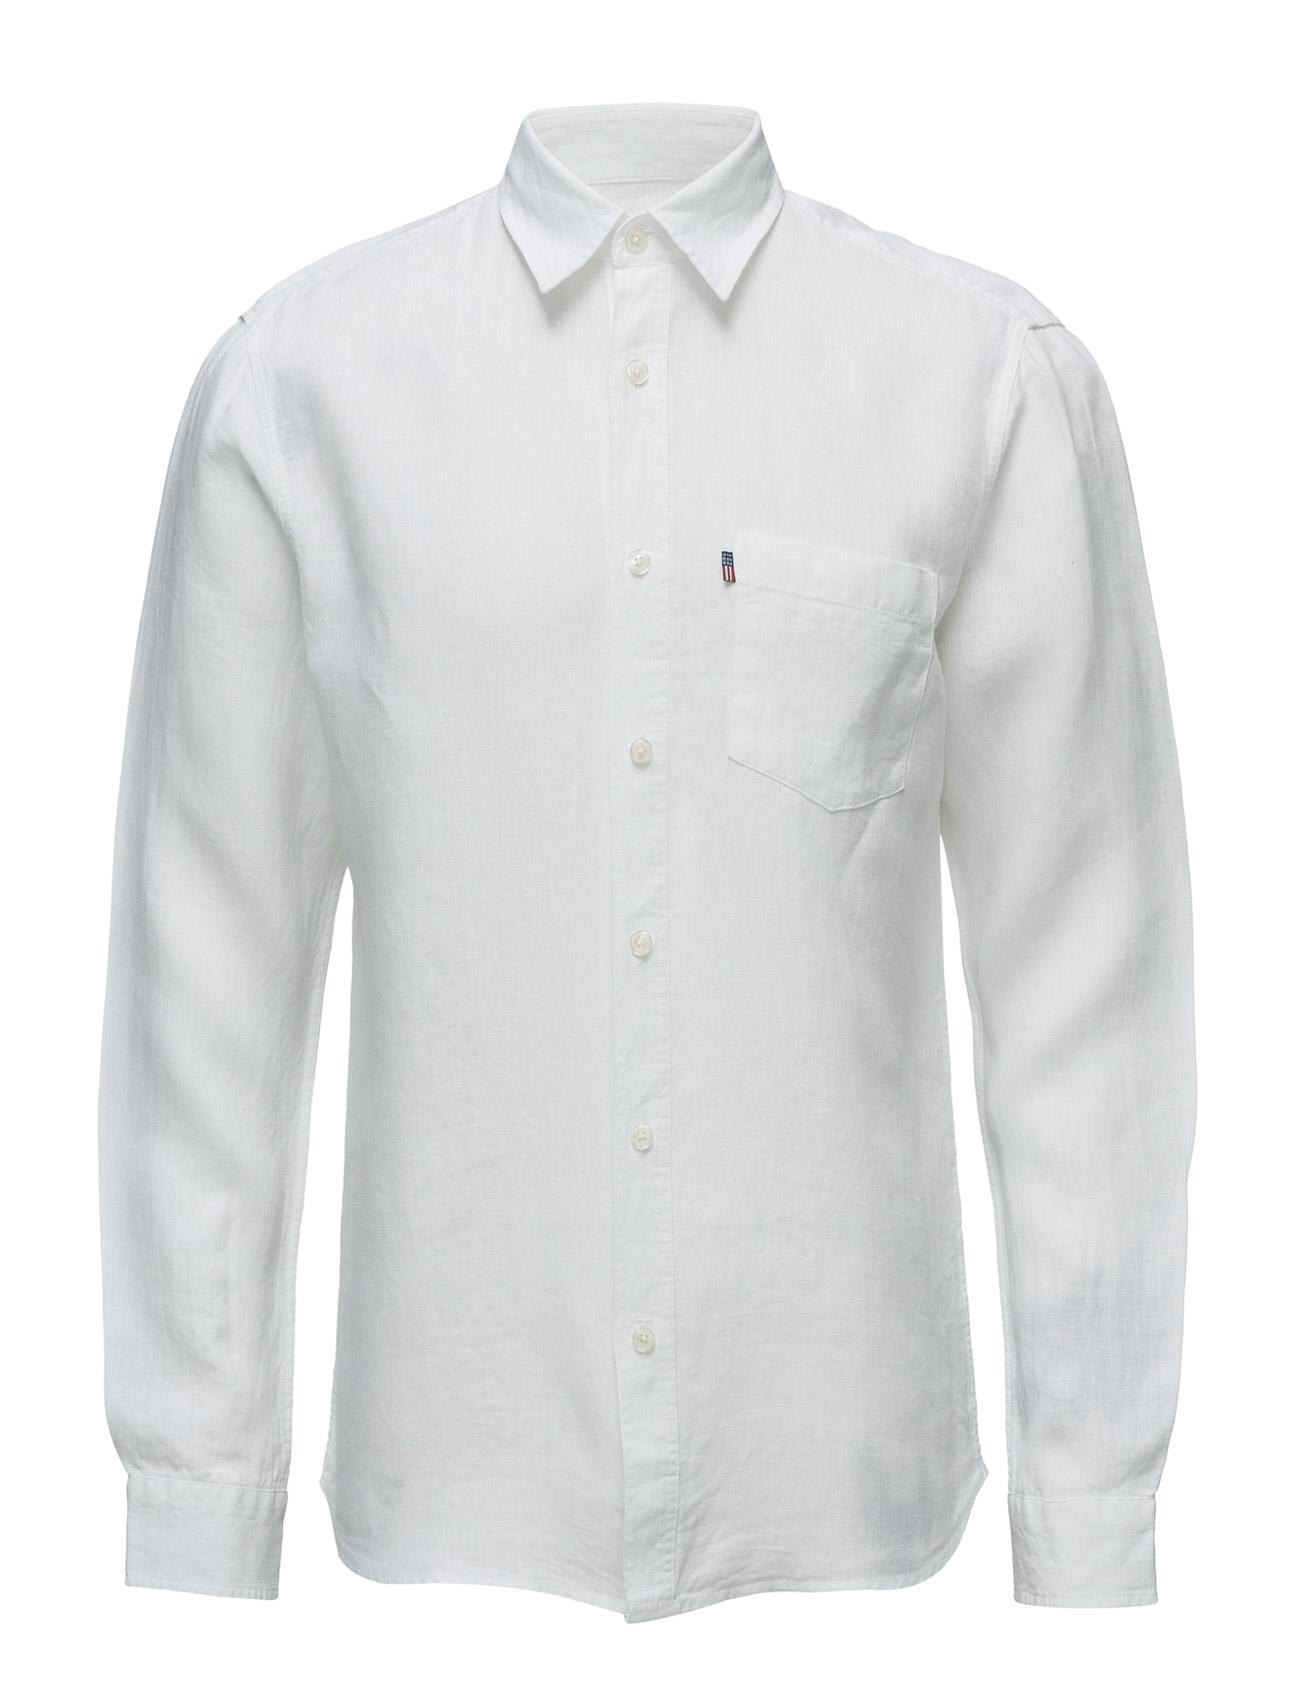 Ryan Linen Shirt Lexington Company Casual sko til Herrer i Bright White